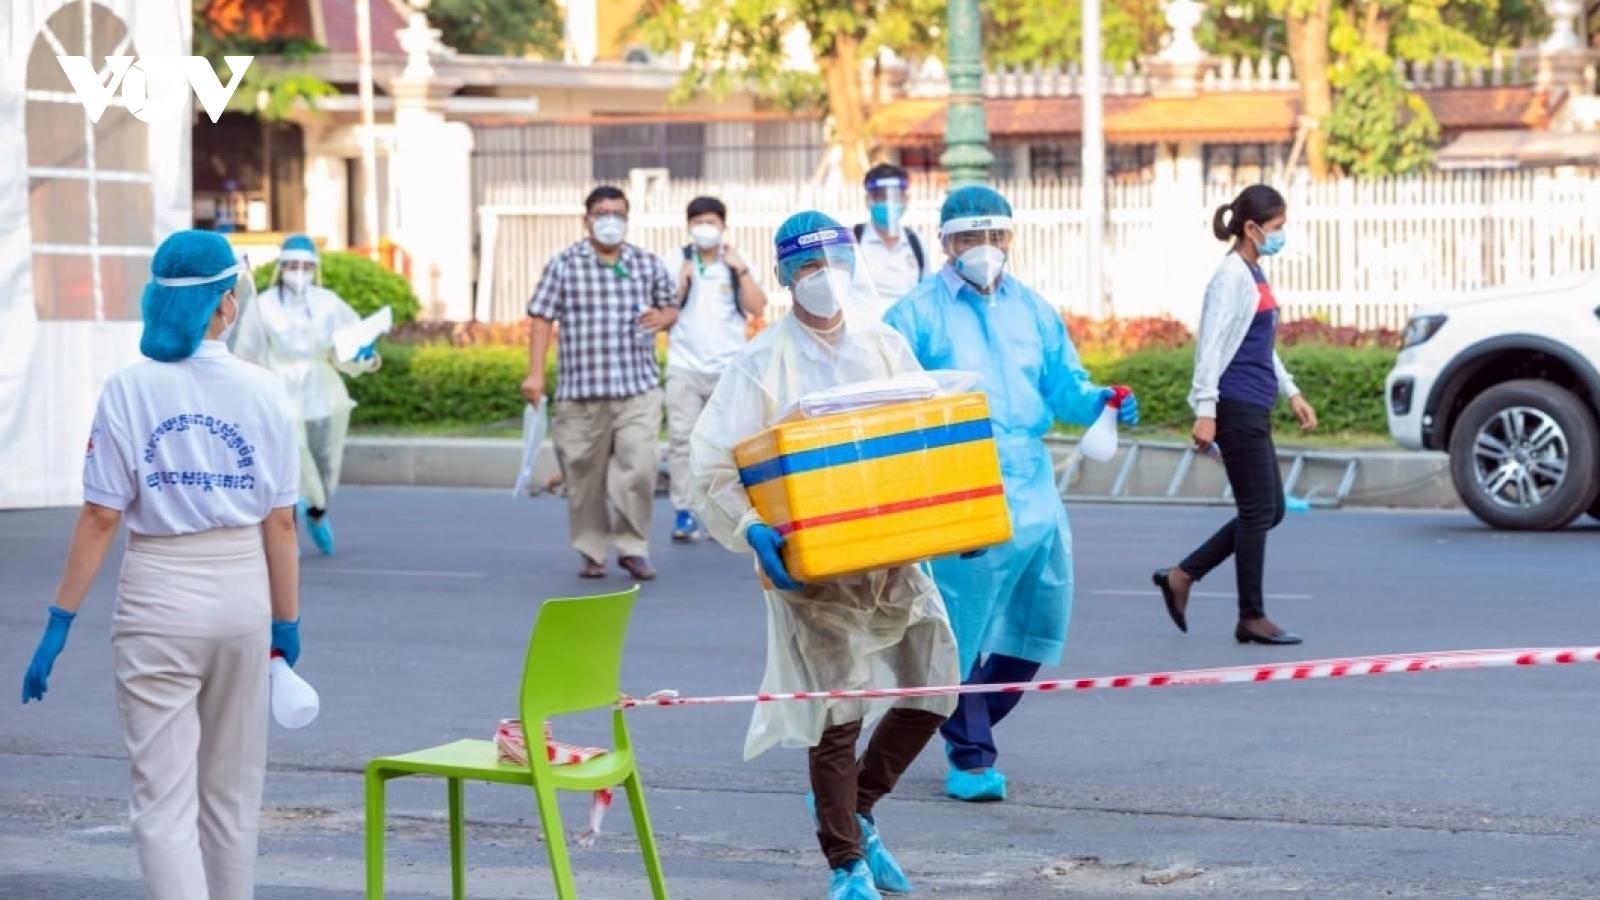 Bộ Y tế Campuchia nêu nguyên nhân chính khiến dịch Covid-19 ngày càng phức tạp